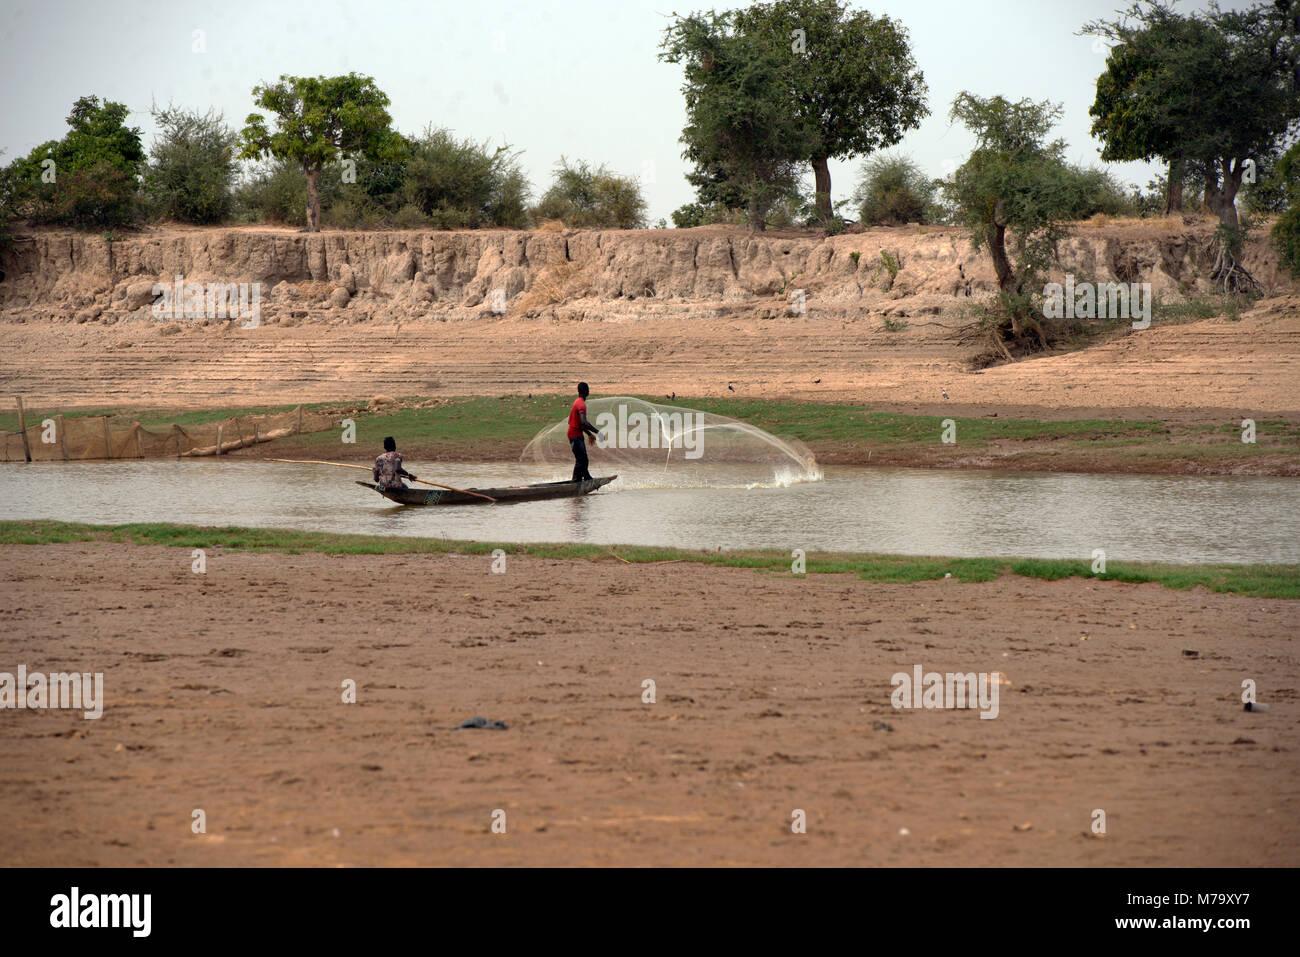 Un pescador arroja su red desde dentro de un barco. Región de Mopti, Malí, África occidental. Foto de stock